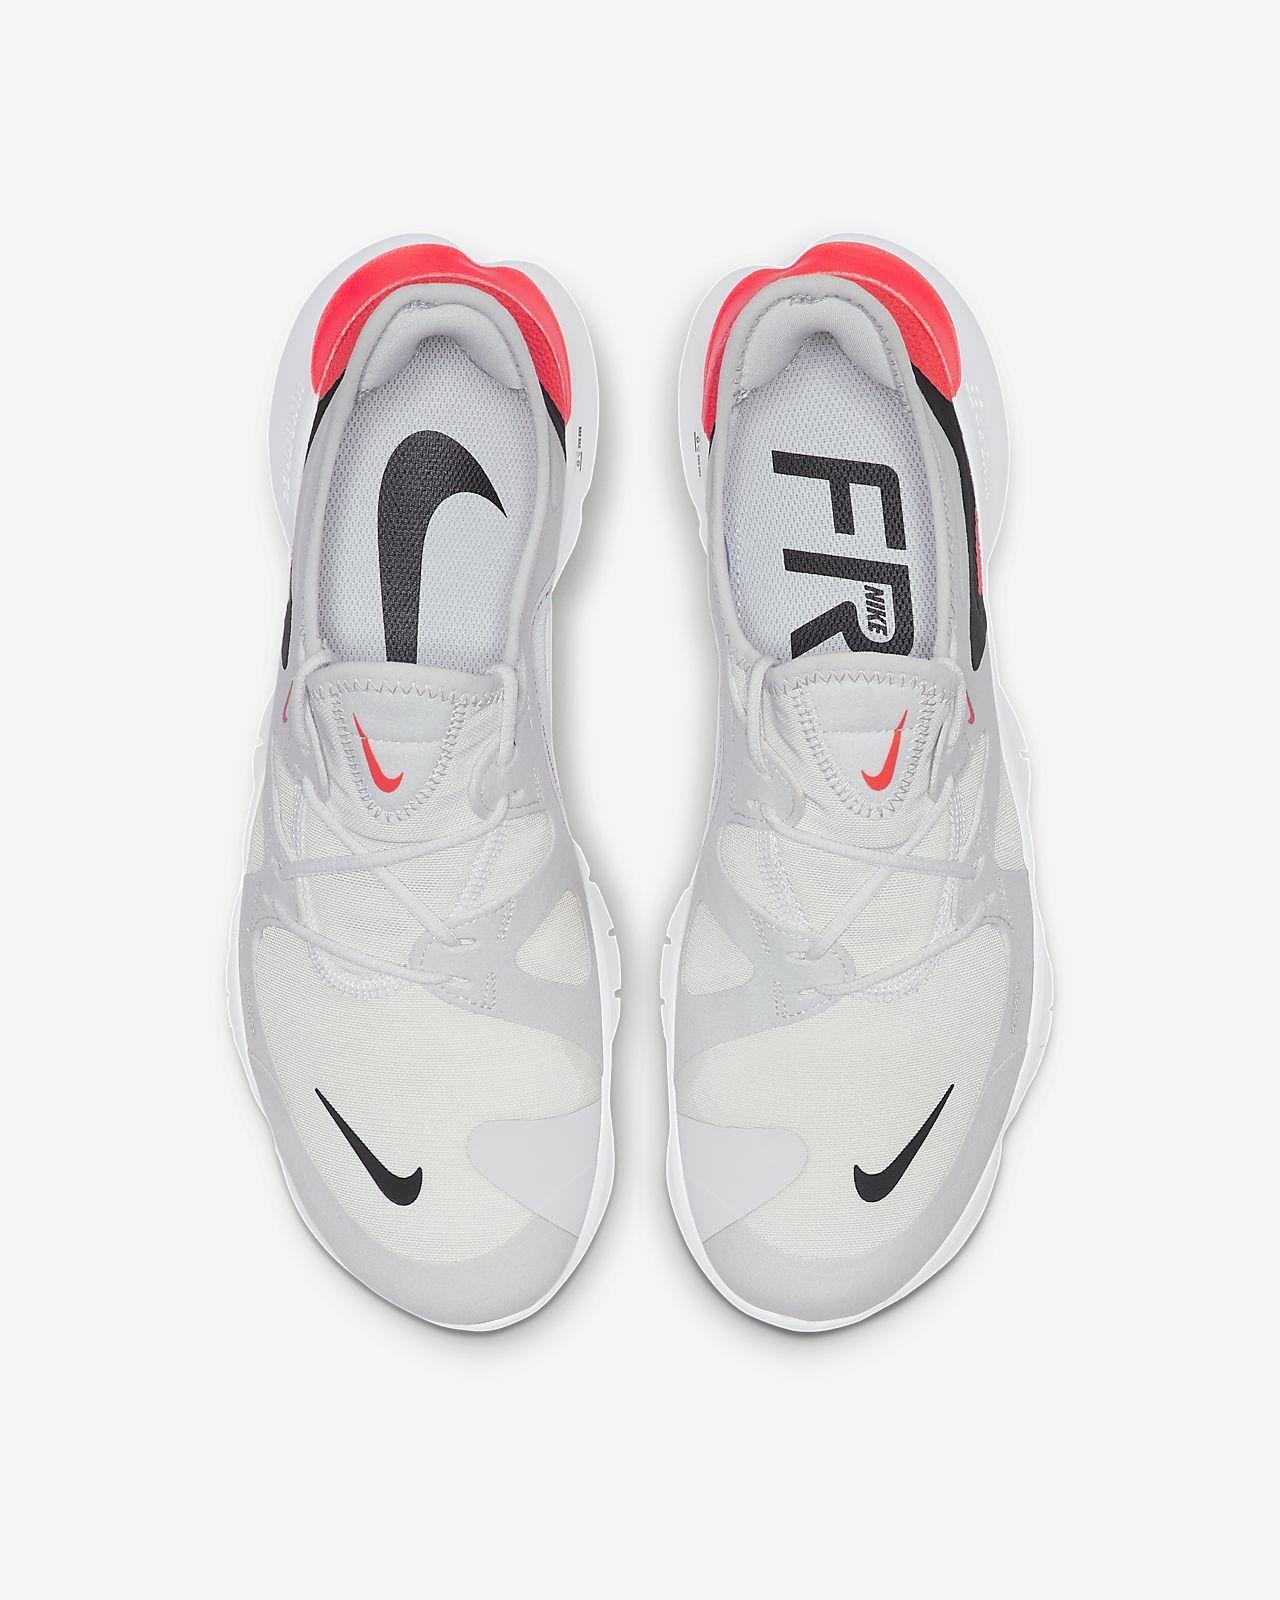 release date 26e6e 065e1 ... Nike Free RN 5.0-løbesko til mænd